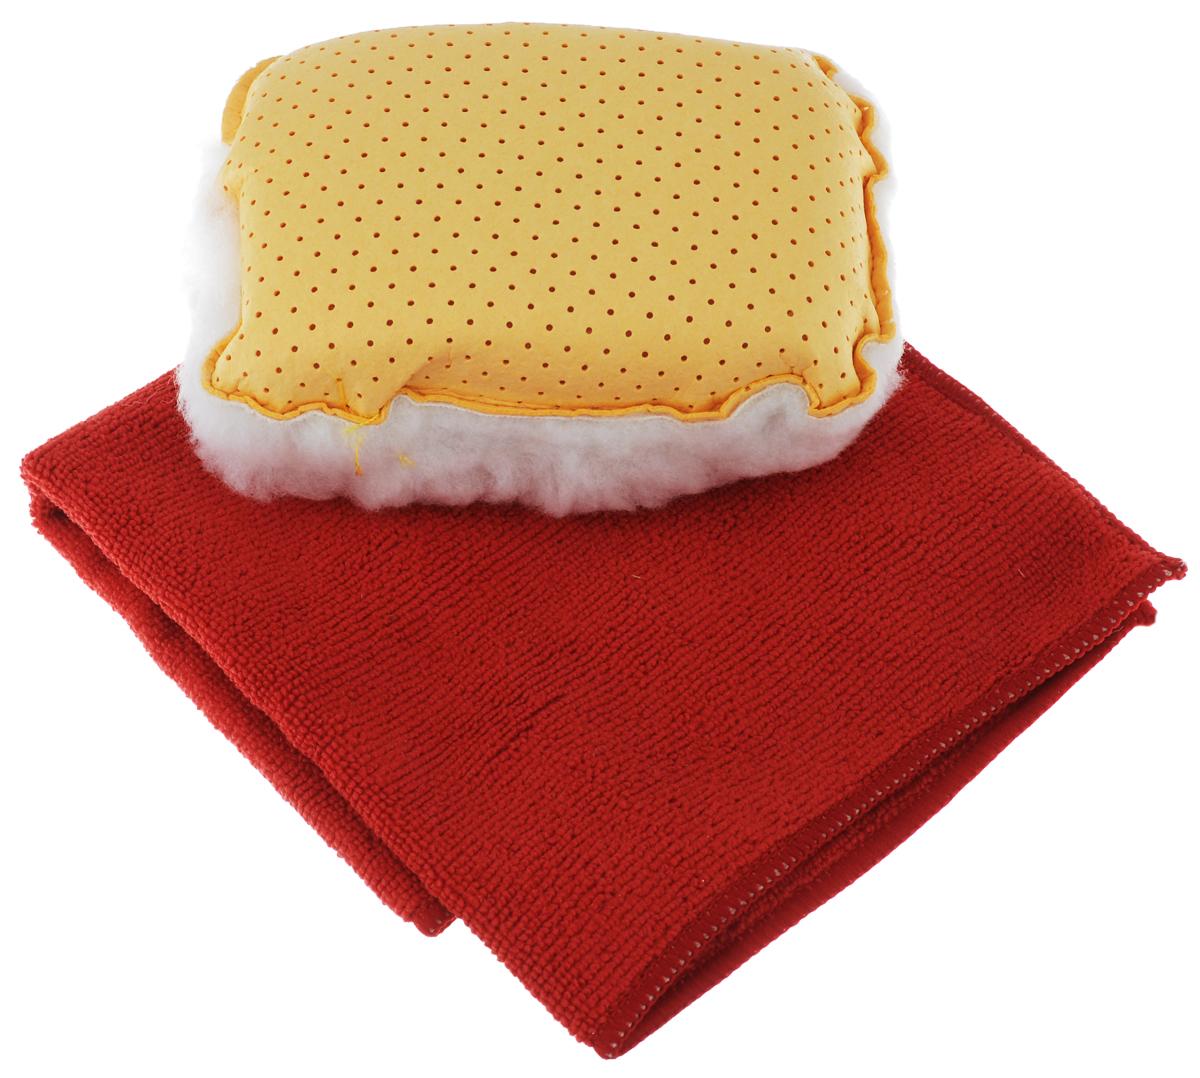 Набор для мытья и полировки автомобиля Pingo, цвет: желтый, красный, 2 предмета300159Набор для мытья и полировки автомобиля Pingo состоит из универсальной губки с мехом и салфетки из микрофибры. Универсальная губка с мехом предназначена для удаления влаги или конденсации с запотевших стекол. Меховая сторона губки может применяться для нанесения полироли на кузов автомобиля. Салфетка из микрофибры предназначена для полировки кузова автомобиля, для чистки лобового стекла, пластика и хрома. Может быть использована без химических средств, отлично впитывает воду, пыль и грязь. Сильно загрязненную салфетку промыть в теплой воде. При стирке не использовать отбеливатель и смягчающие средства, не гладить.Состав губки: 80% вискоза, 20% полипропилен, мех, полиэстер, пенополиуретан.Состав салфетки: 70% полиэстер, 30% полиамид.Размер губки: 13 х 9 х 5 см.Размер салфетки: 32 х 32 см.